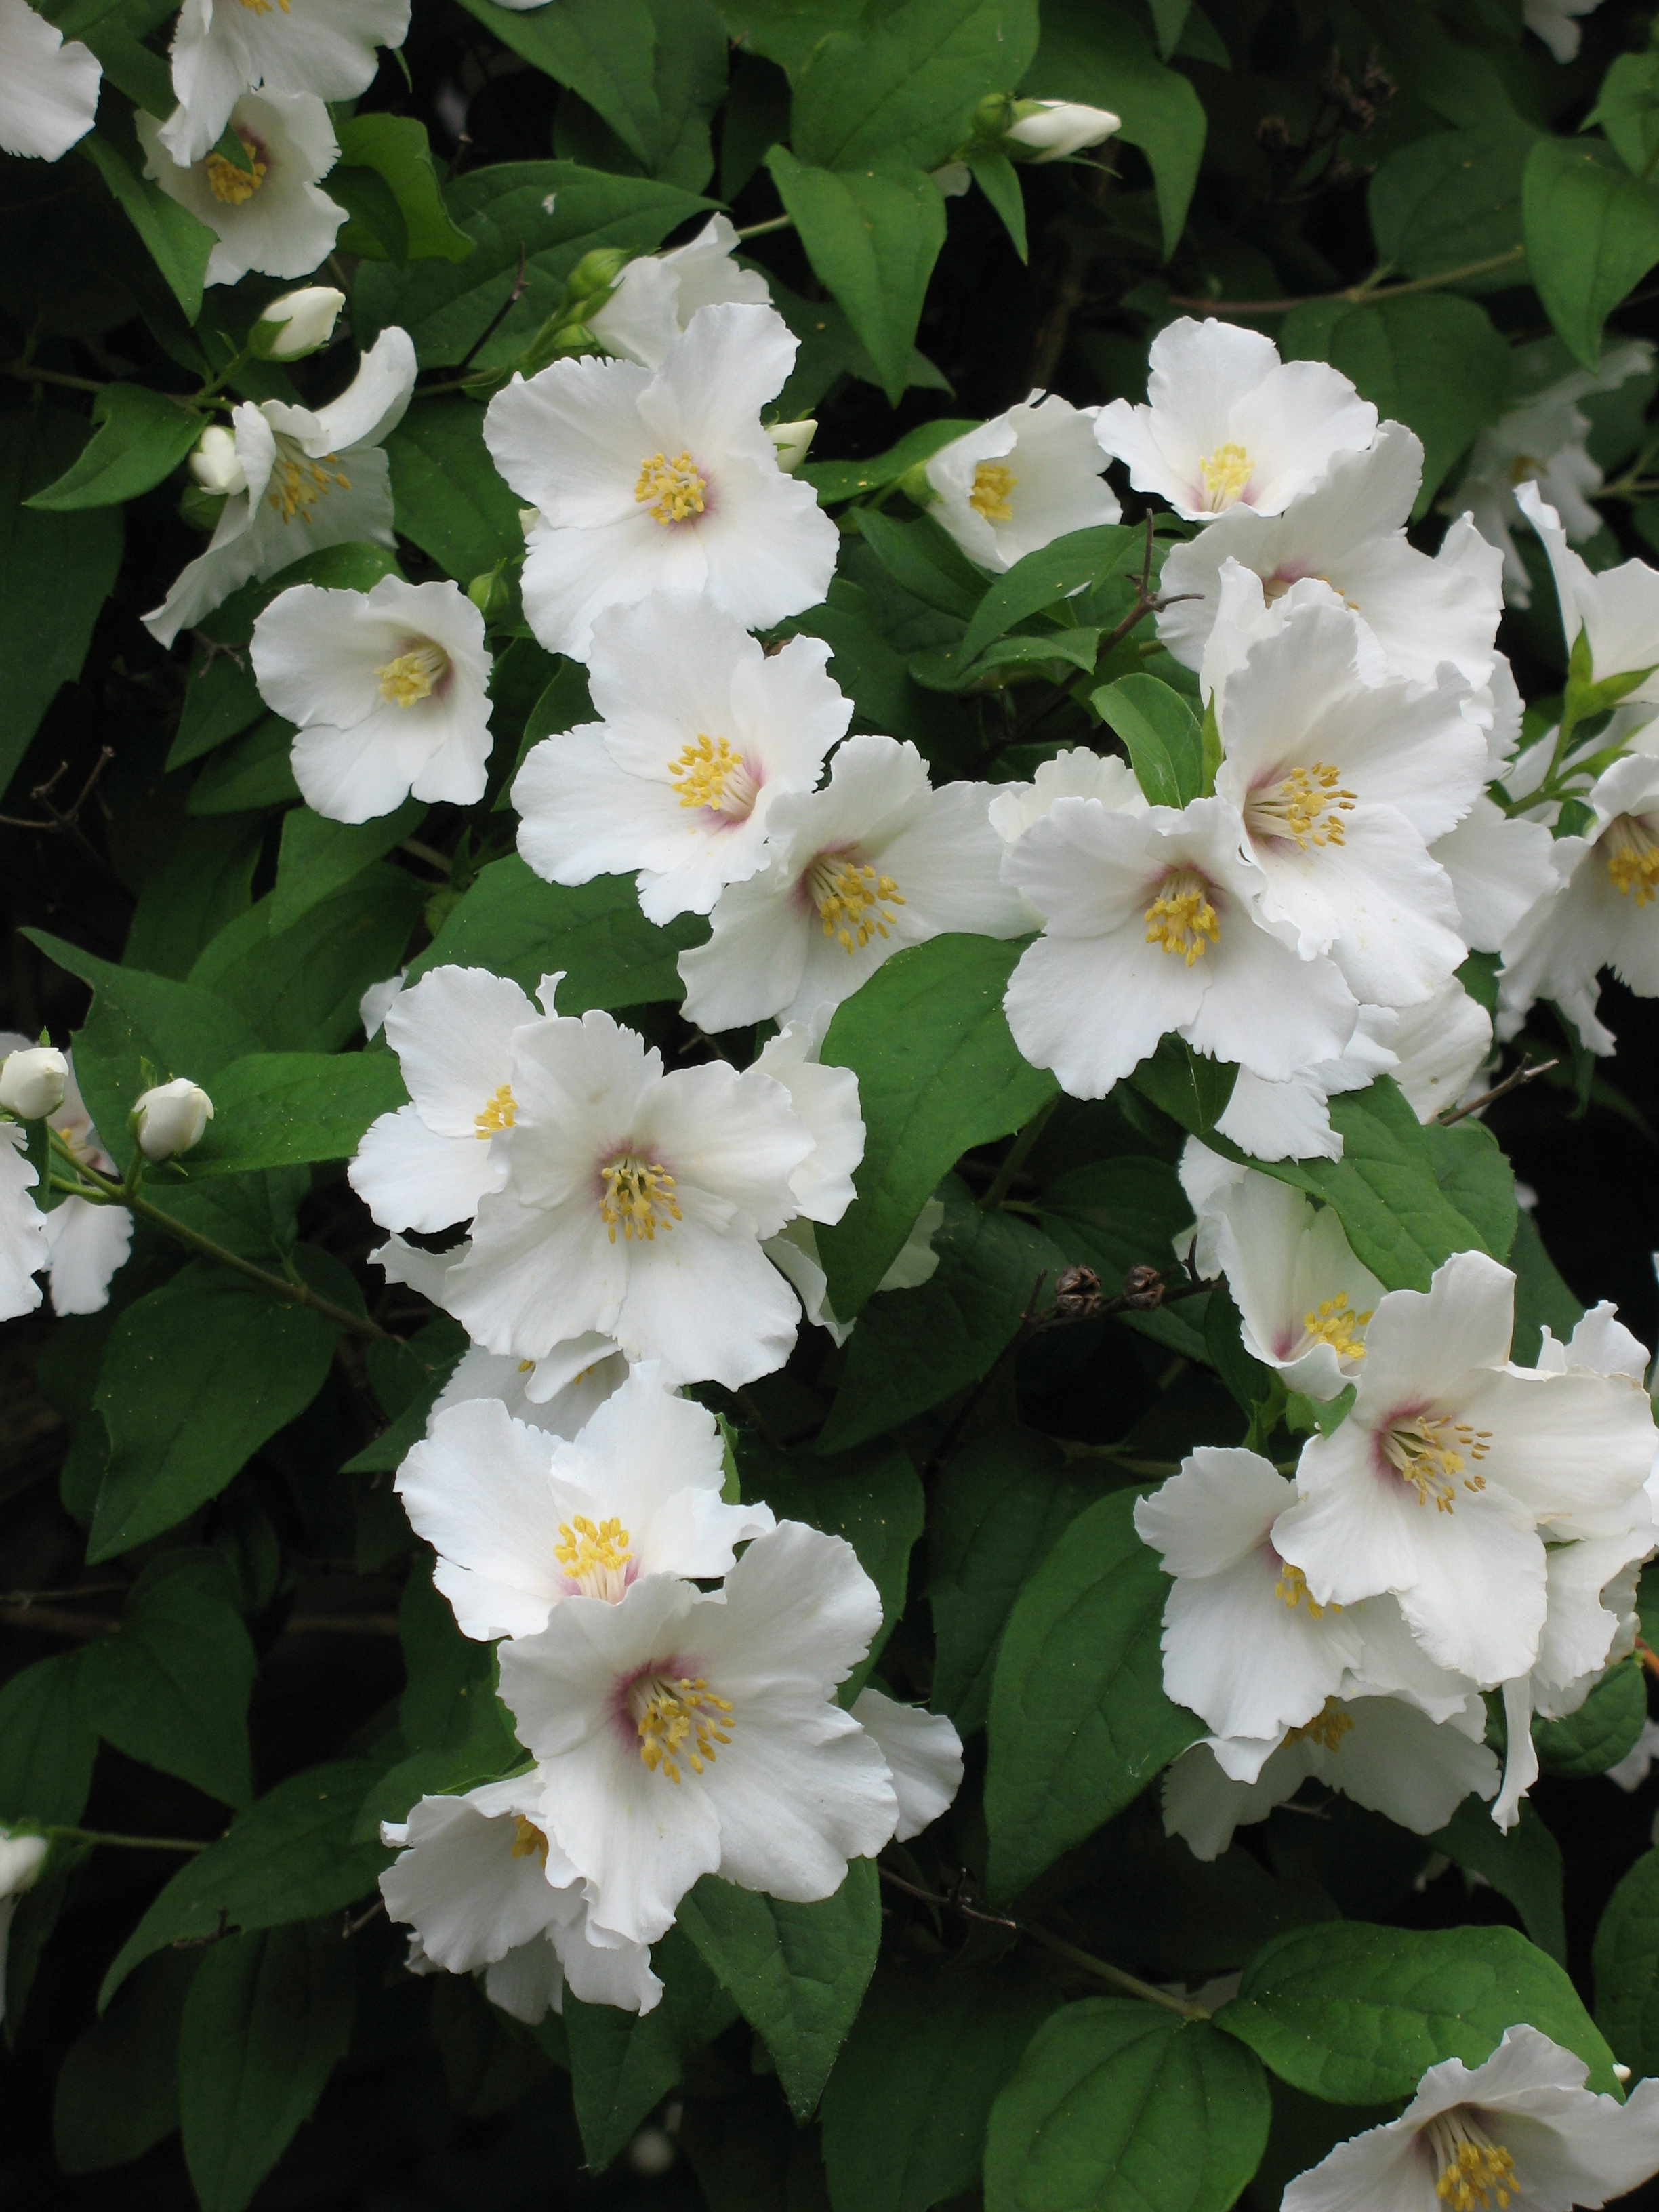 fleurs de Philadelphus (Seringat), utilisées comme alternative à celles d'oranger, grâce à son parfum d'ivresse très similaire